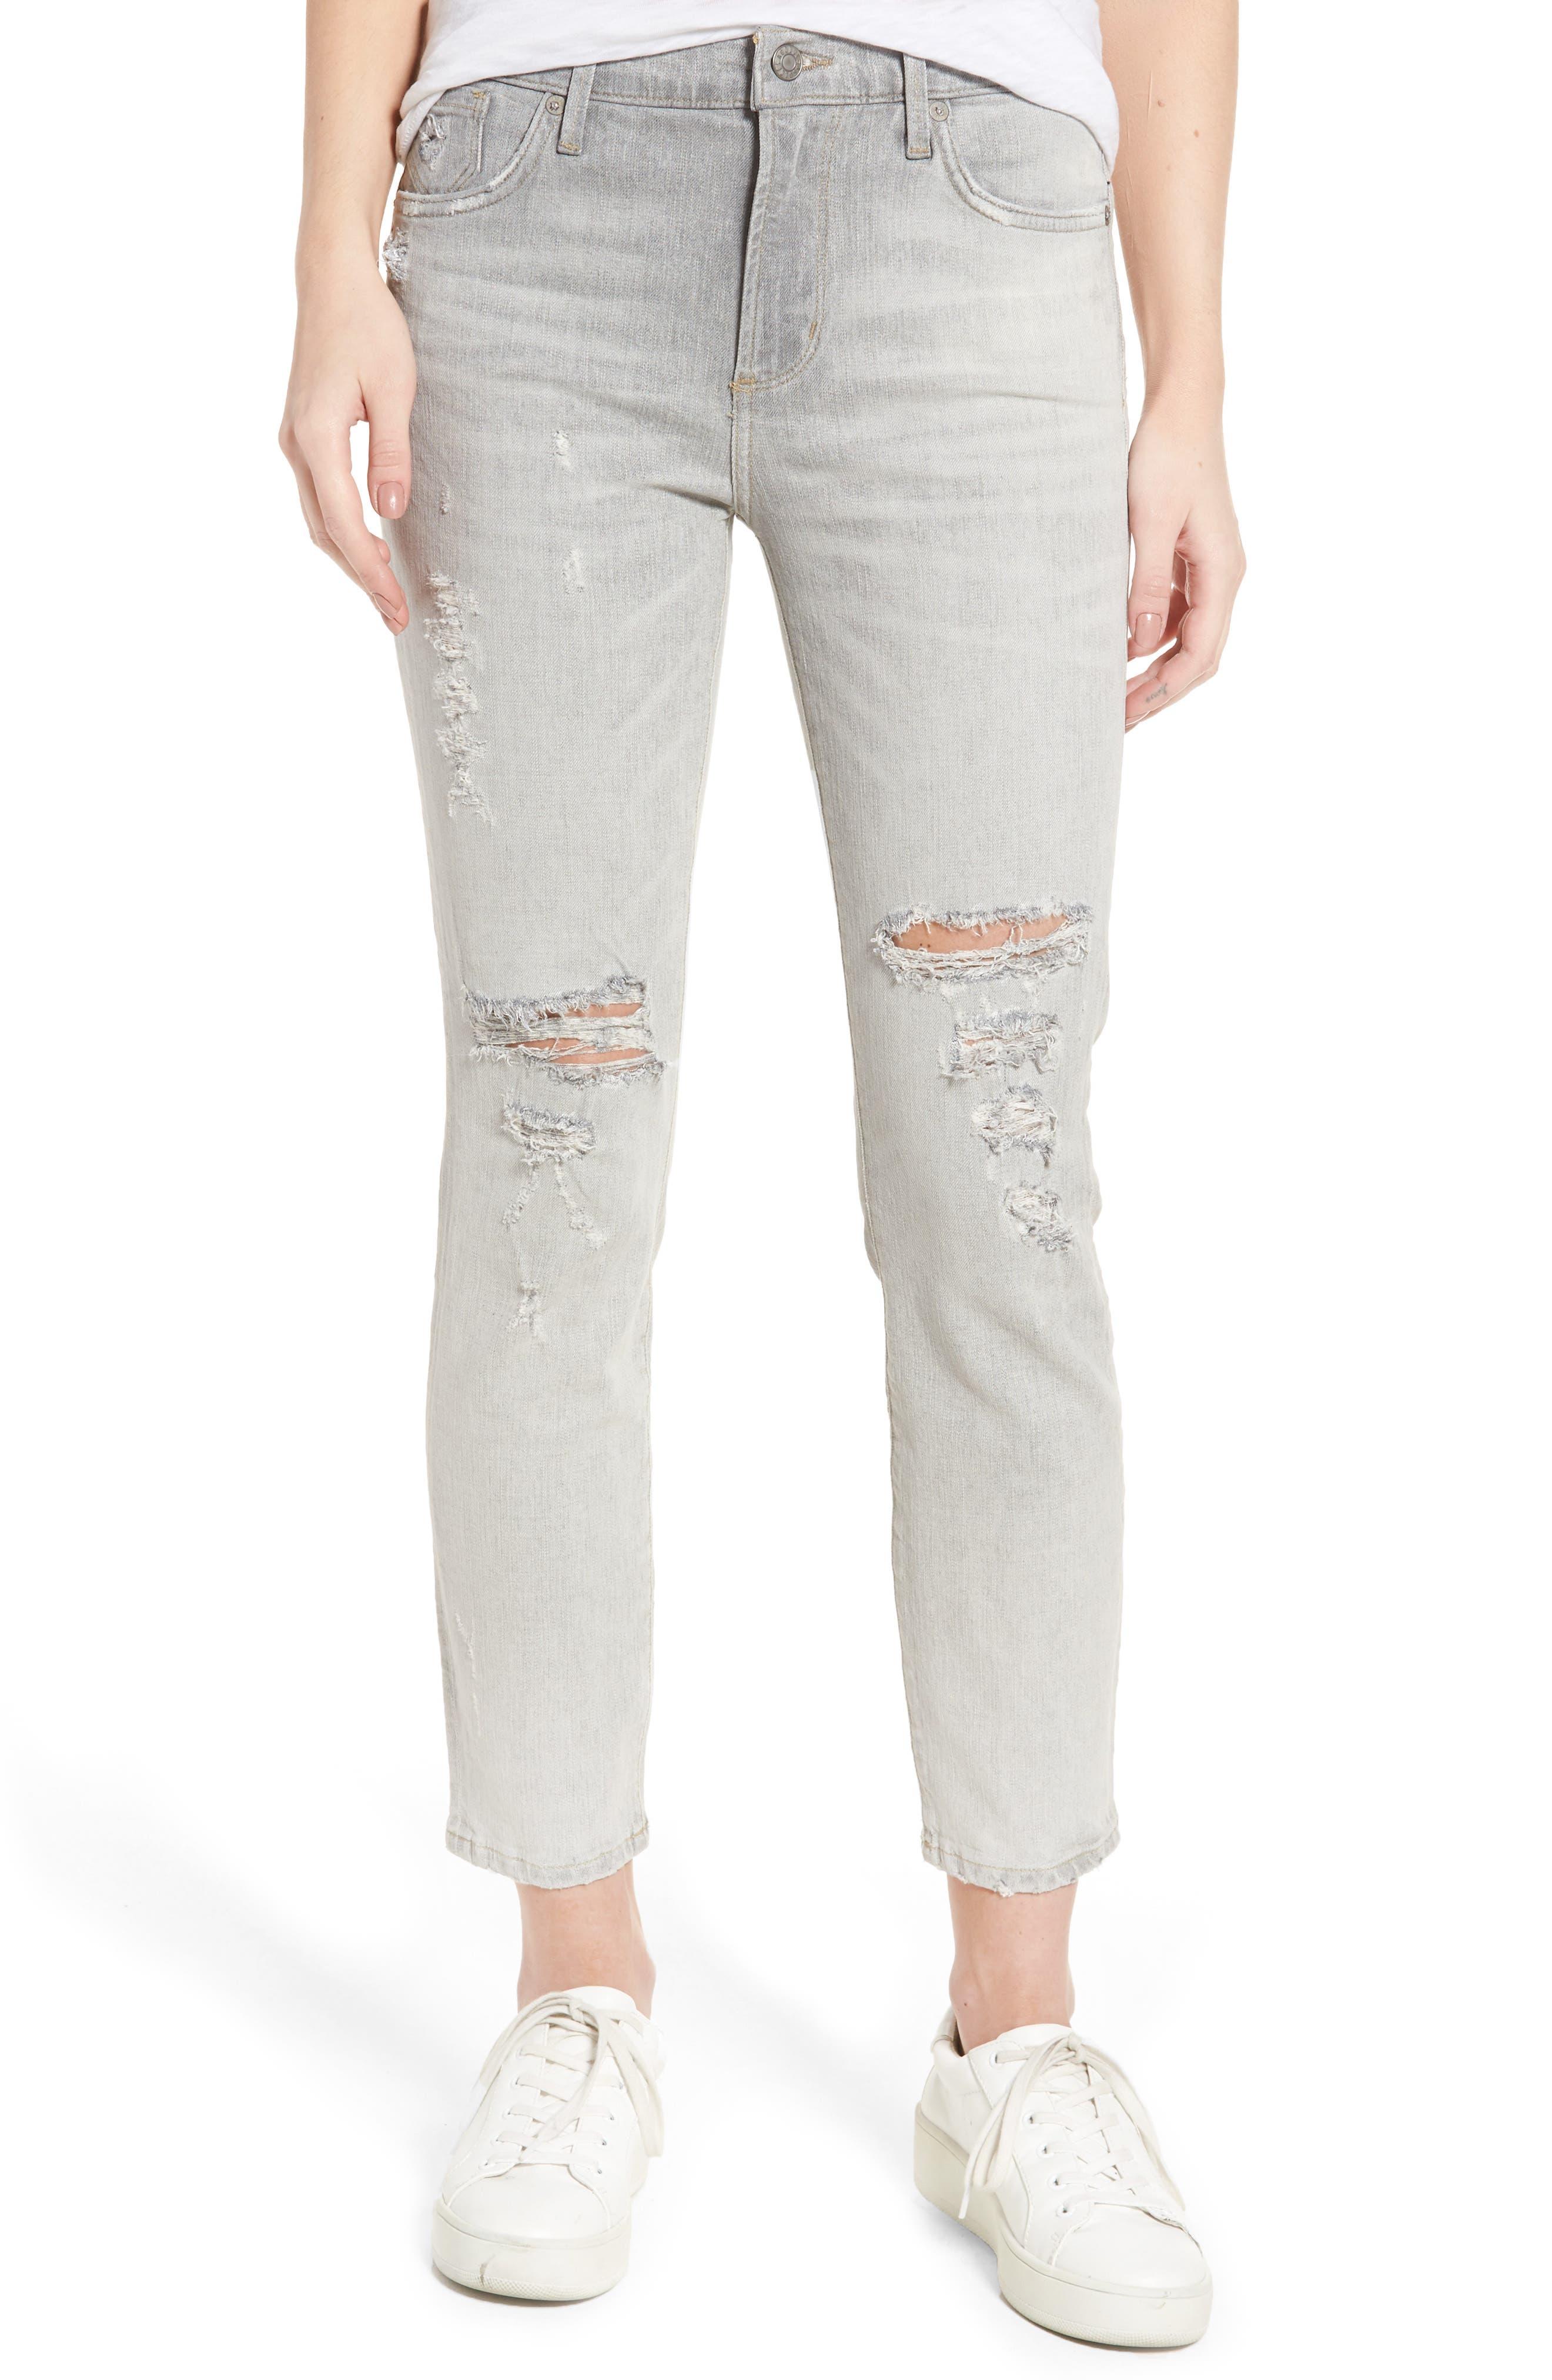 Main Image - AGOLDE Sophie High Waist Skinny Jeans (Portland Destruct)